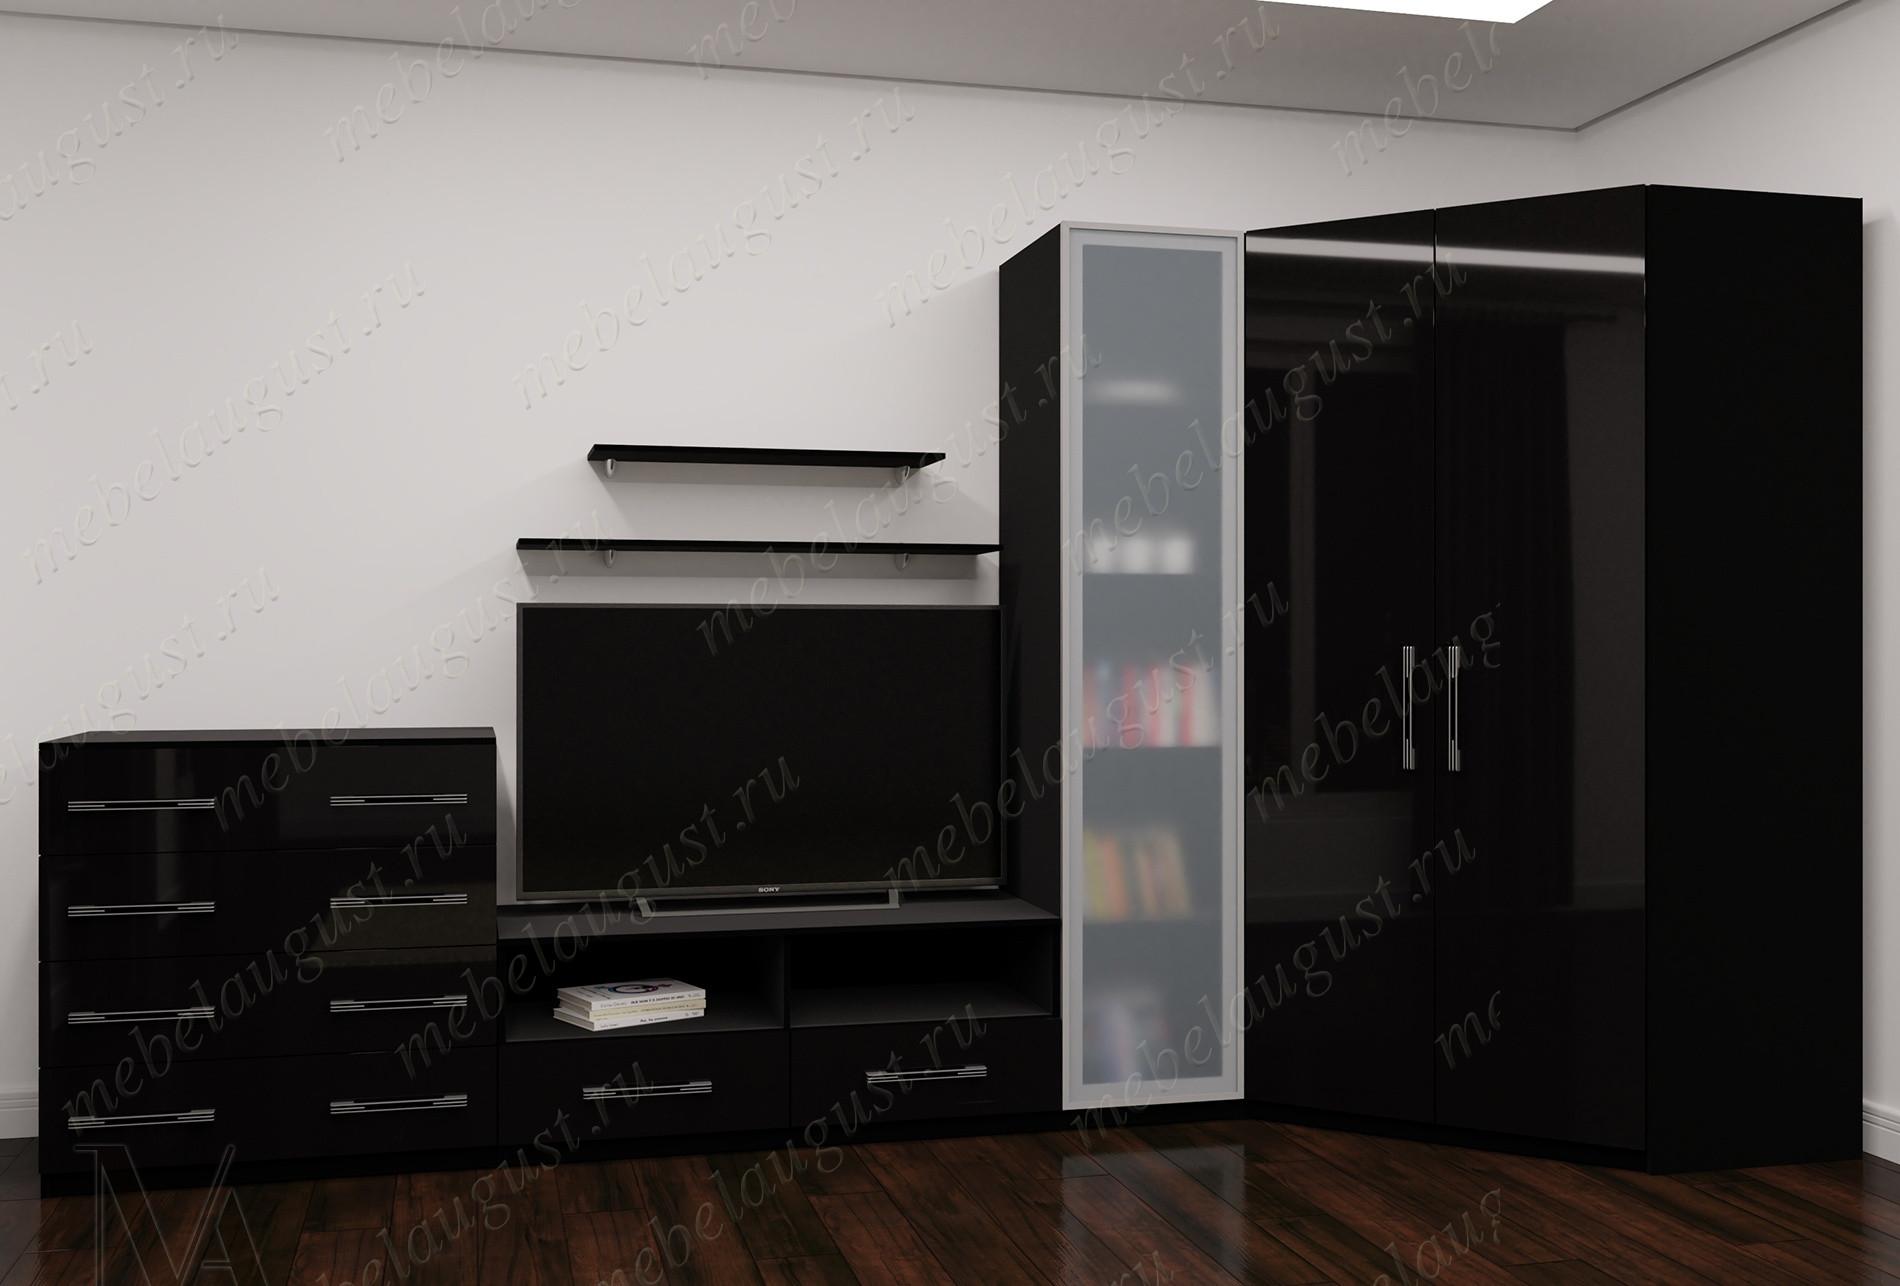 Стенка с полкой для телевизора в спальню цвета черный глянец